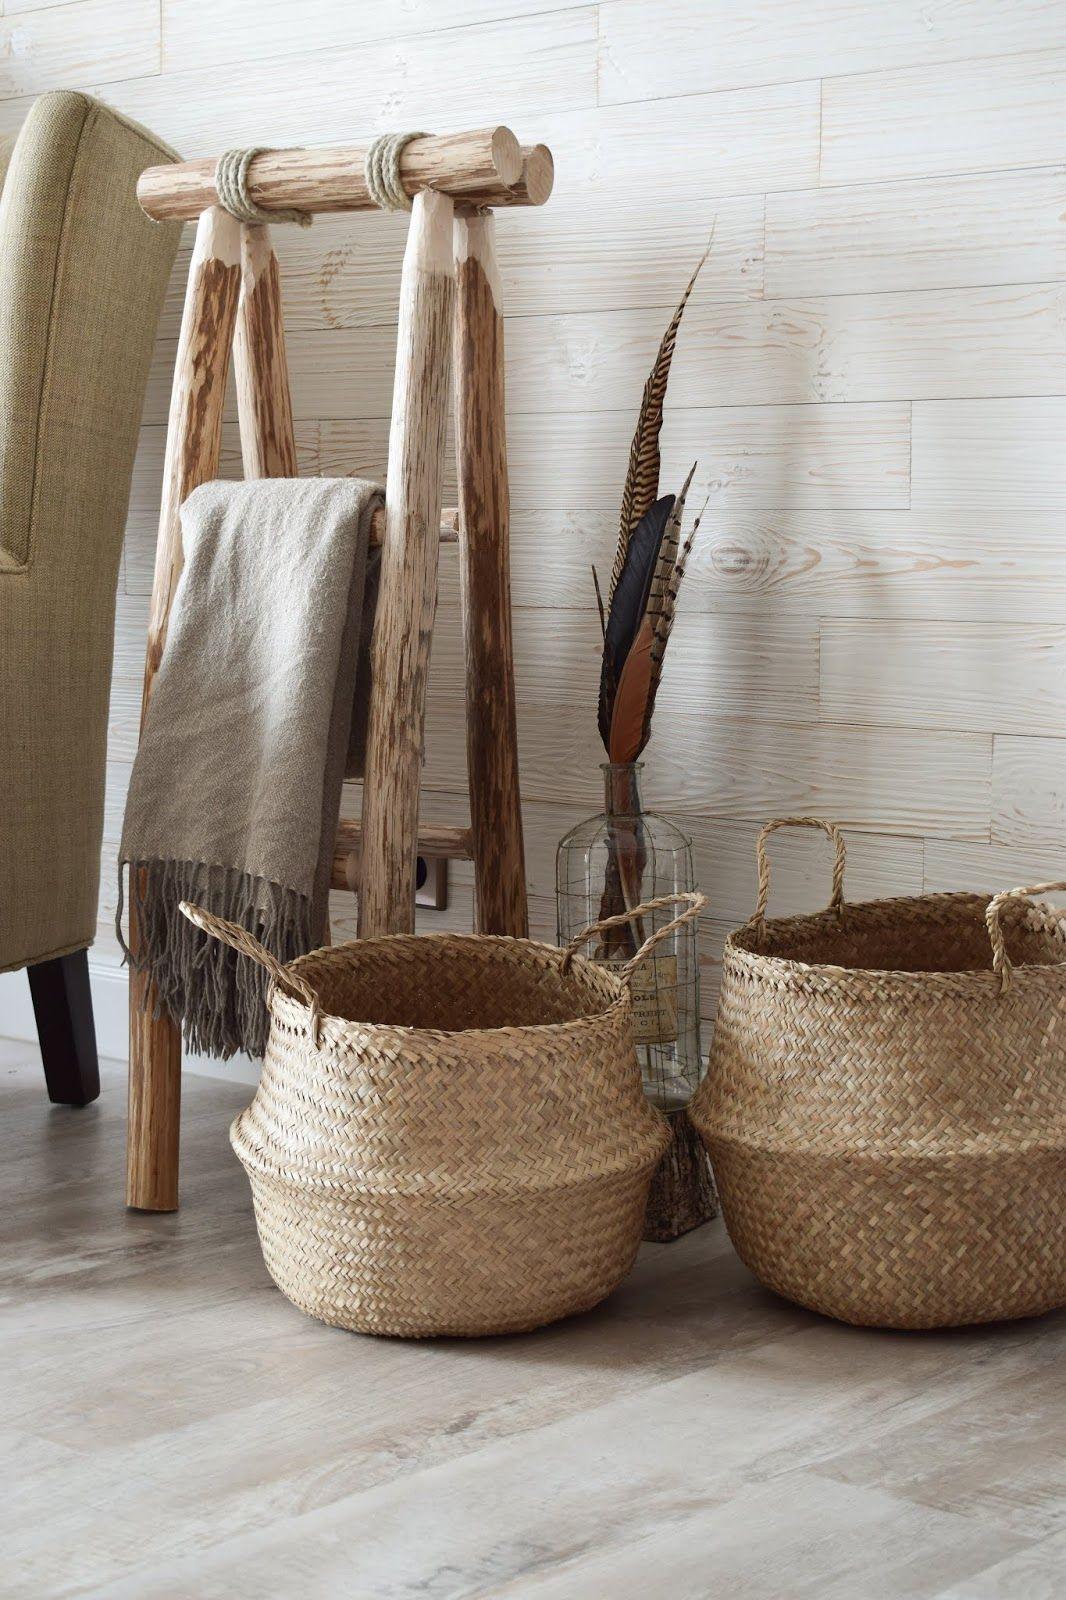 Körbe aus Seegras und Jute  Korb badezimmer aufbewahrung, Körbe